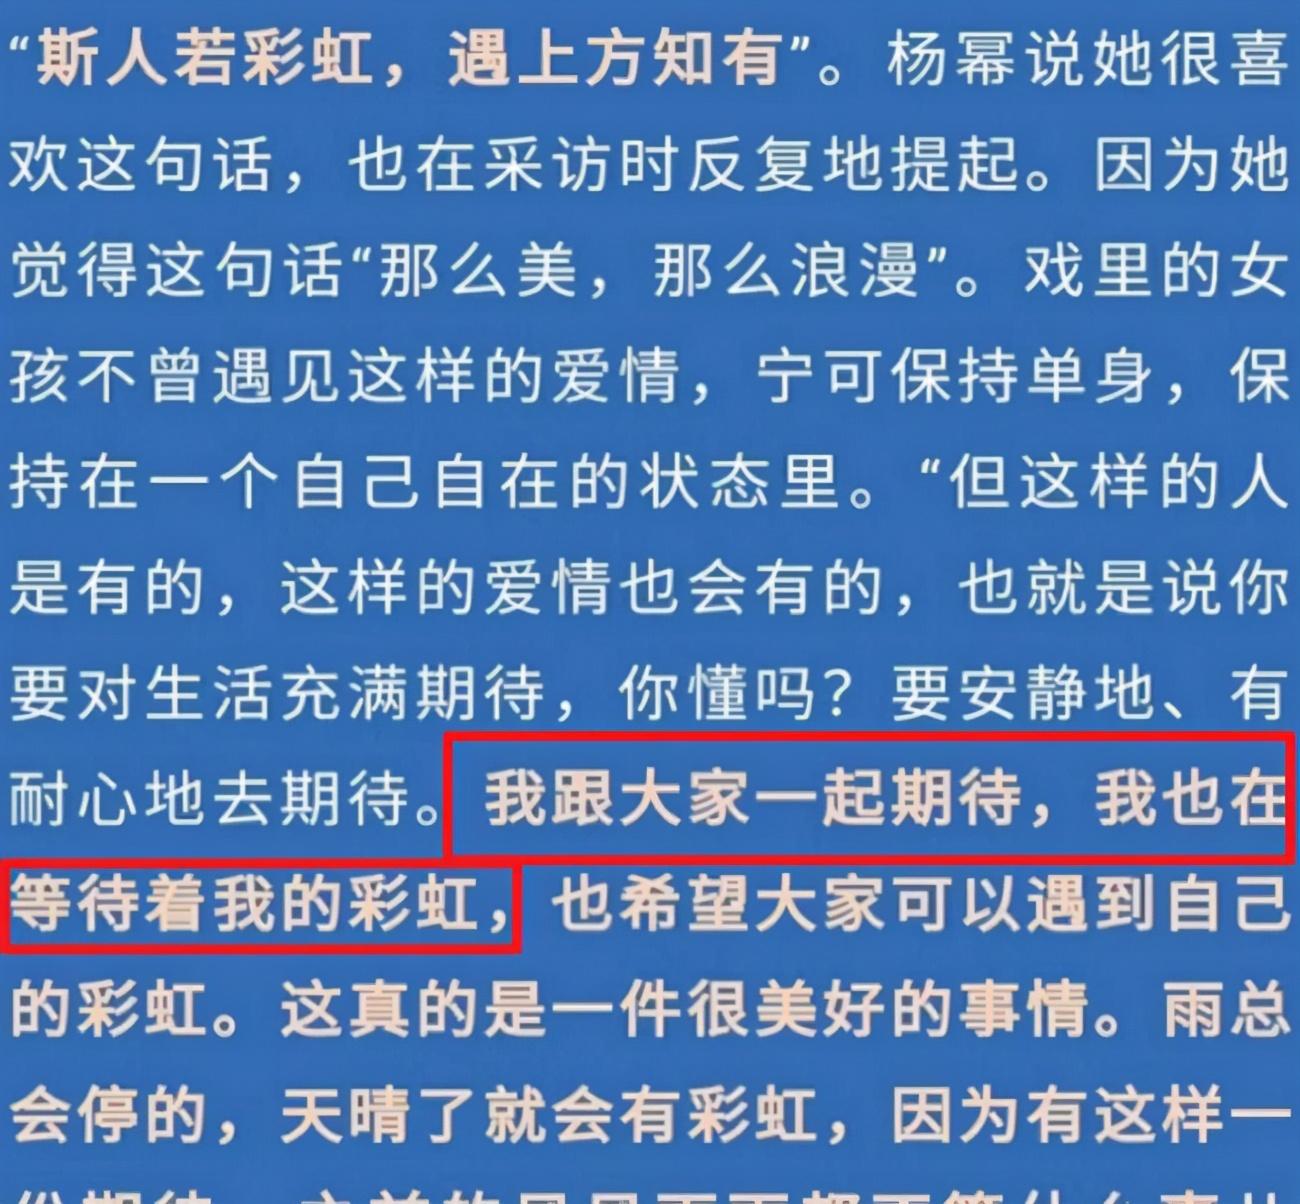 今日娱乐新闻_实锤了,杨幂与魏大勋这段悄无声息的恋情最终照样画上了句号